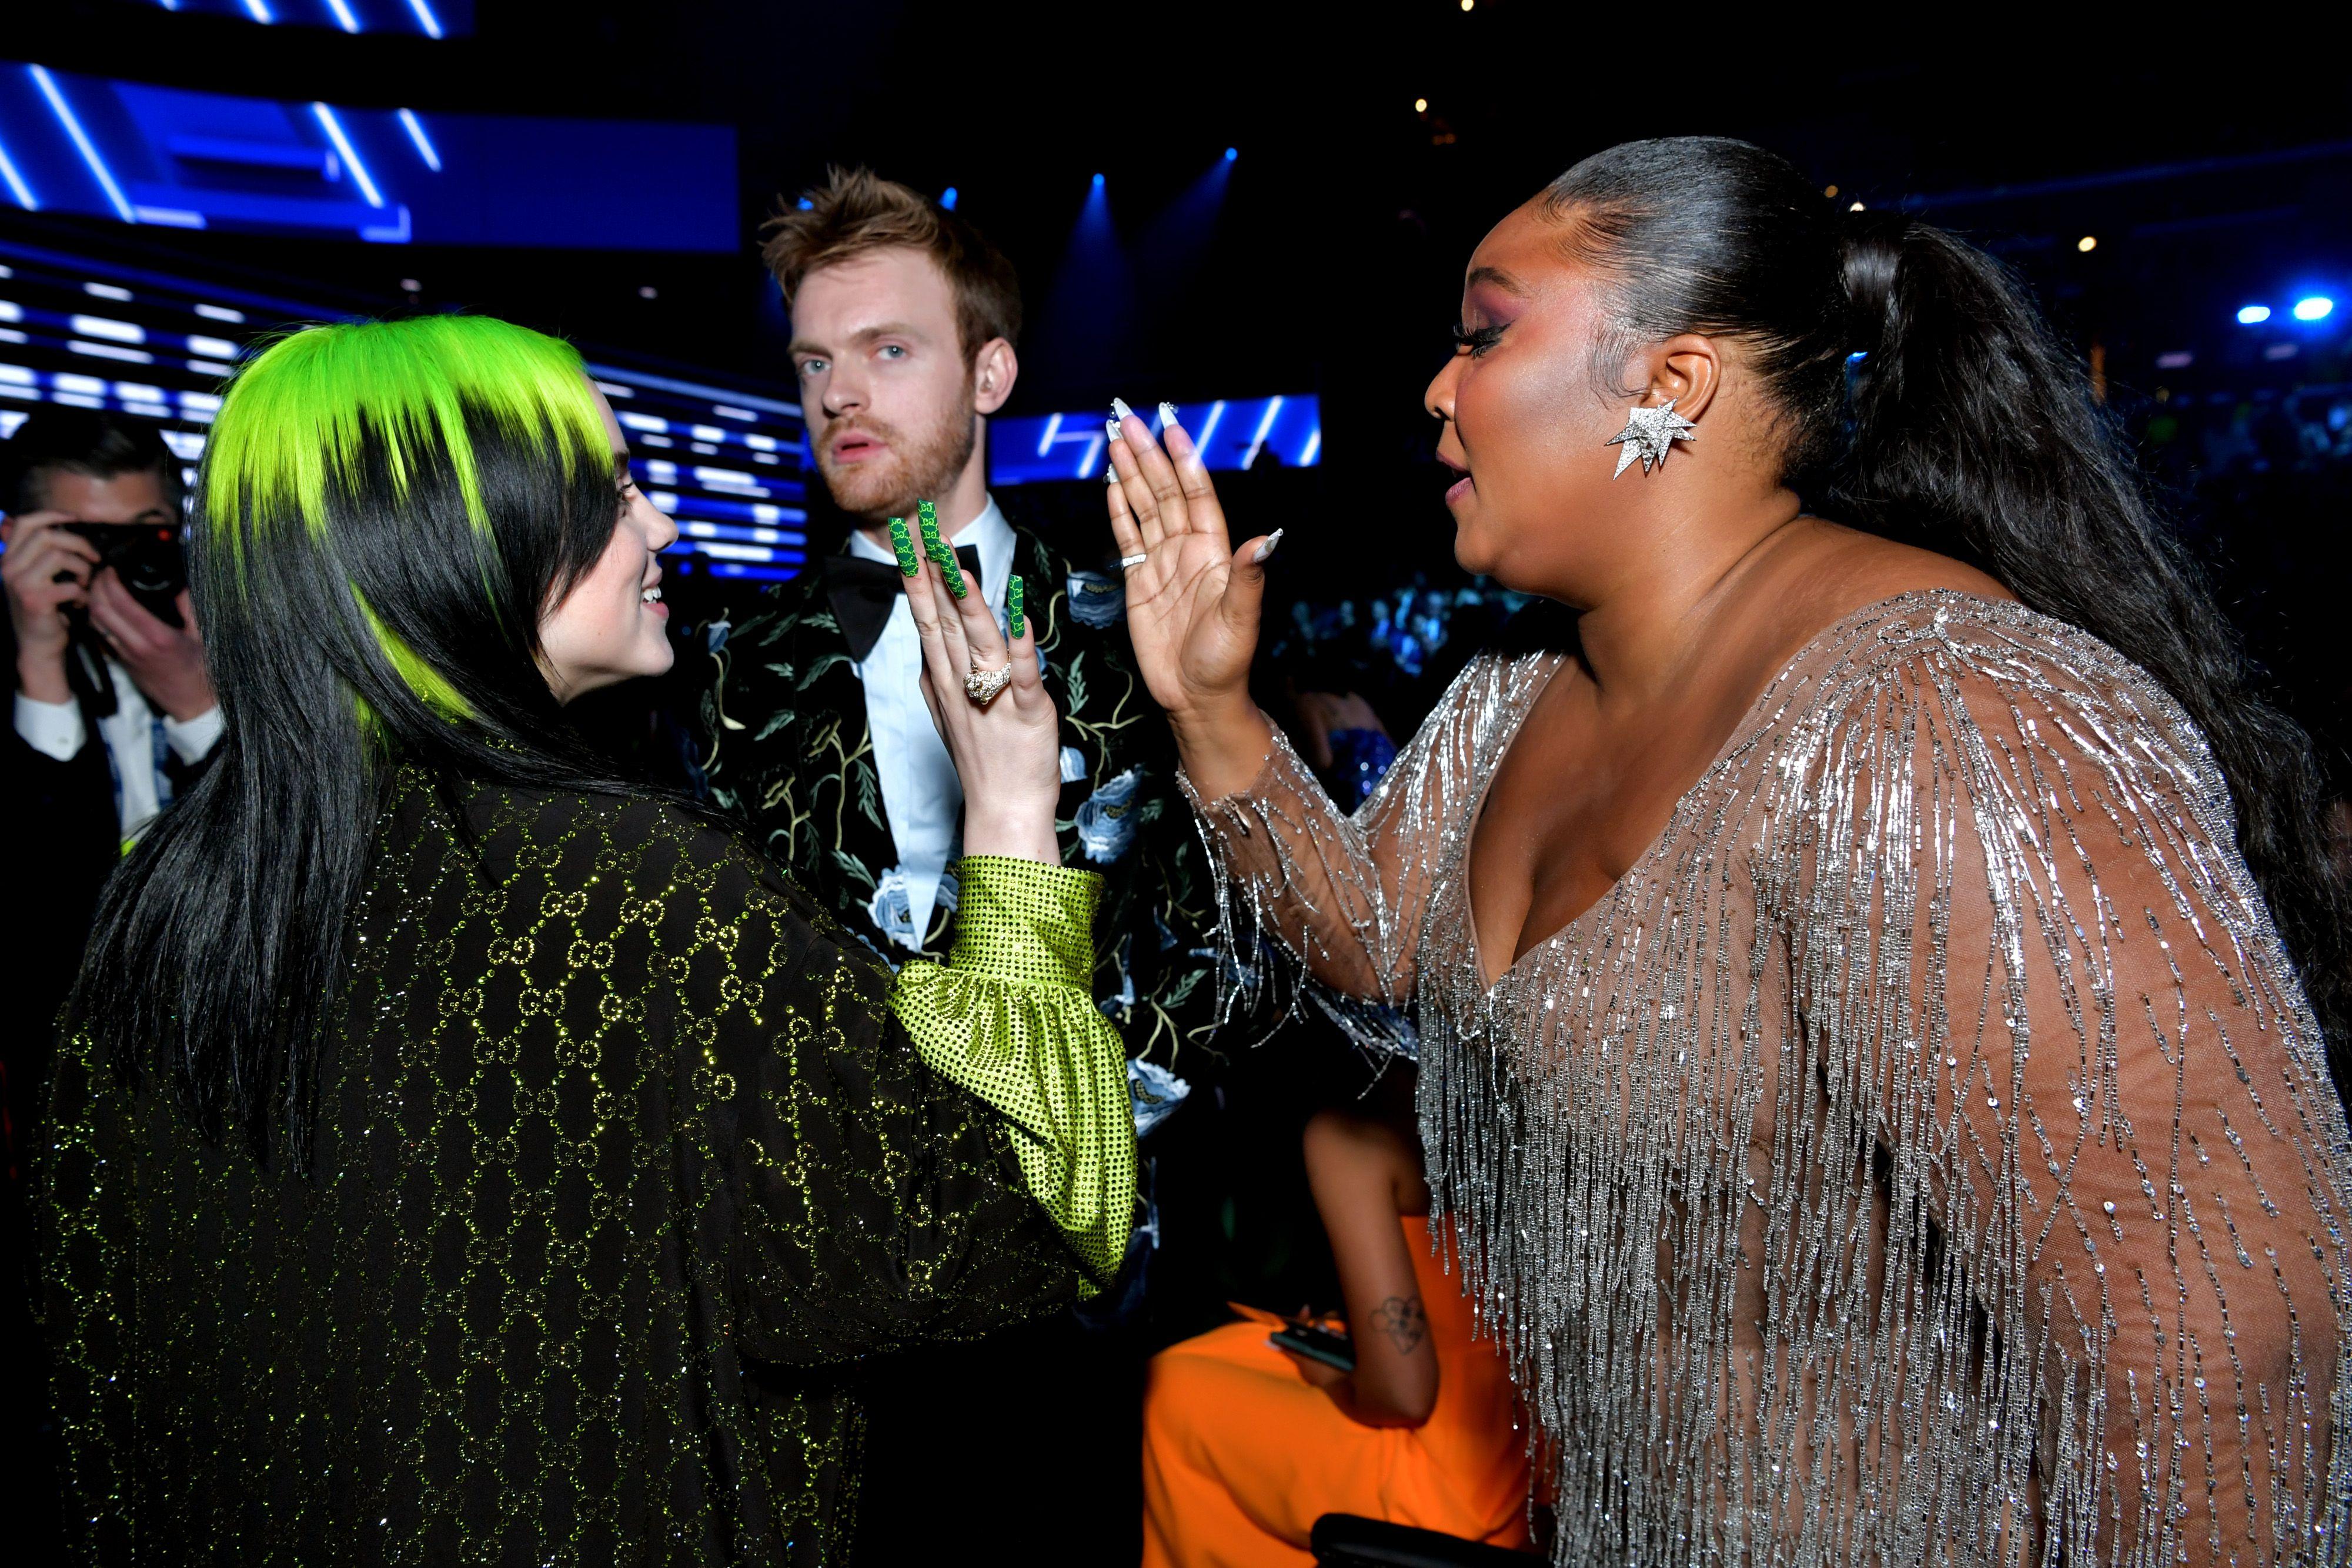 I look più belli e i momenti più intensi dei Grammy Awards 2020, visioni di tendenze moda e potenza dell'arte